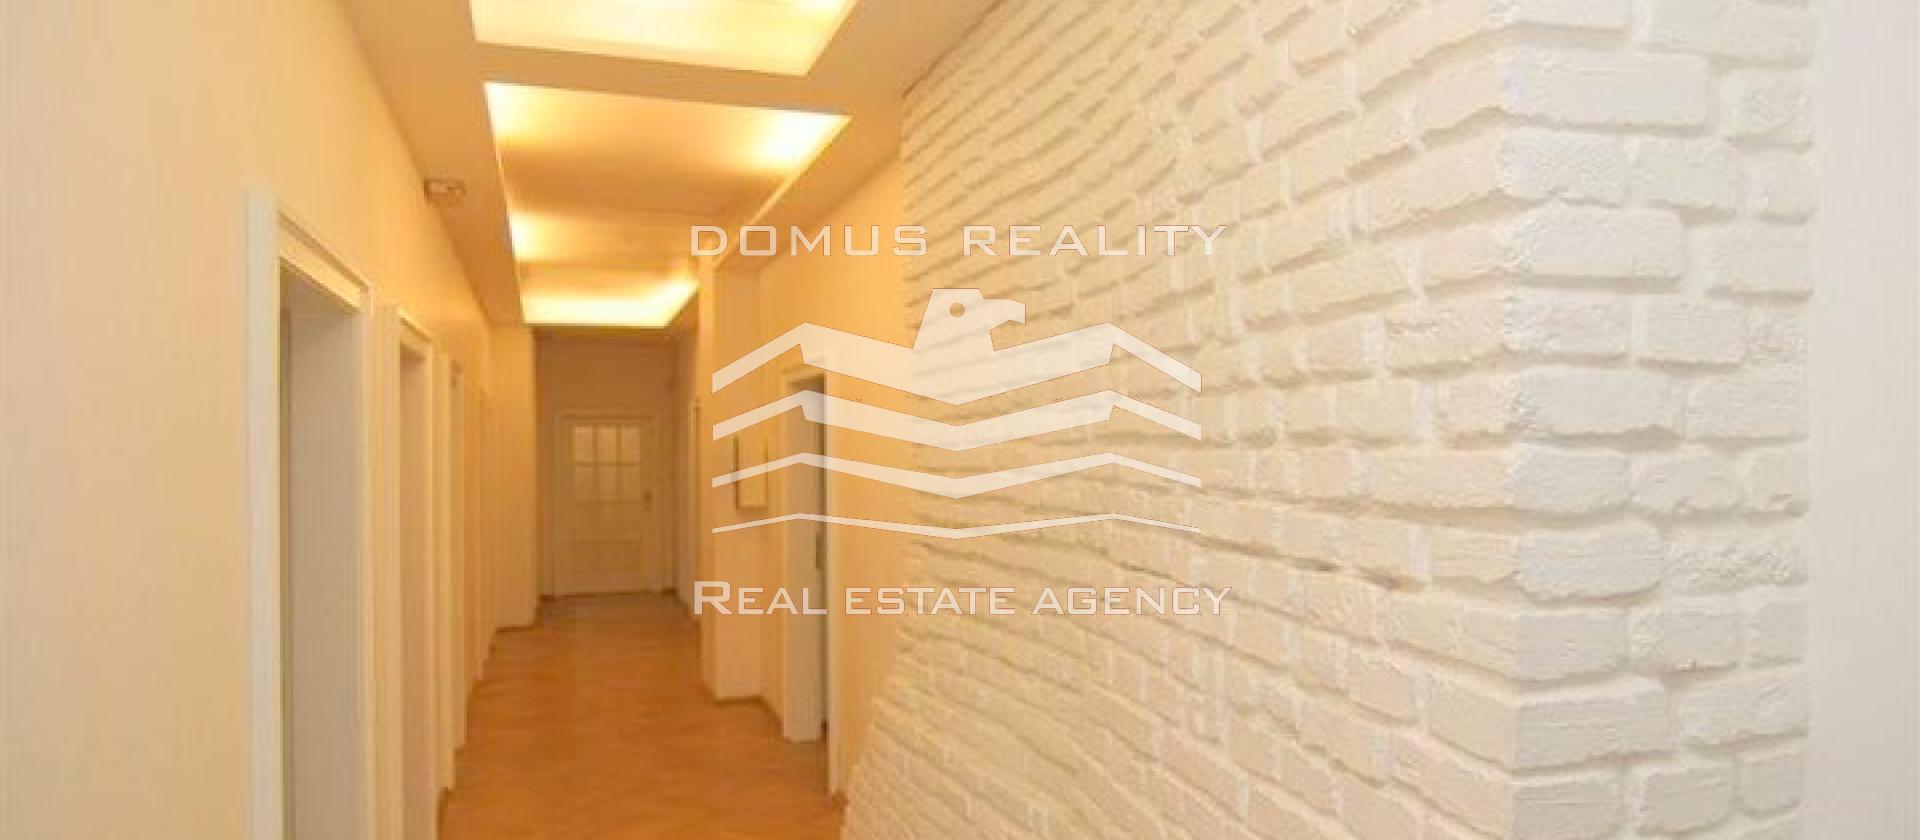 Velmi pěkné, po rekonstrukci kancelářské prostory až 500m2 (dle potřeby se daj kombinovat